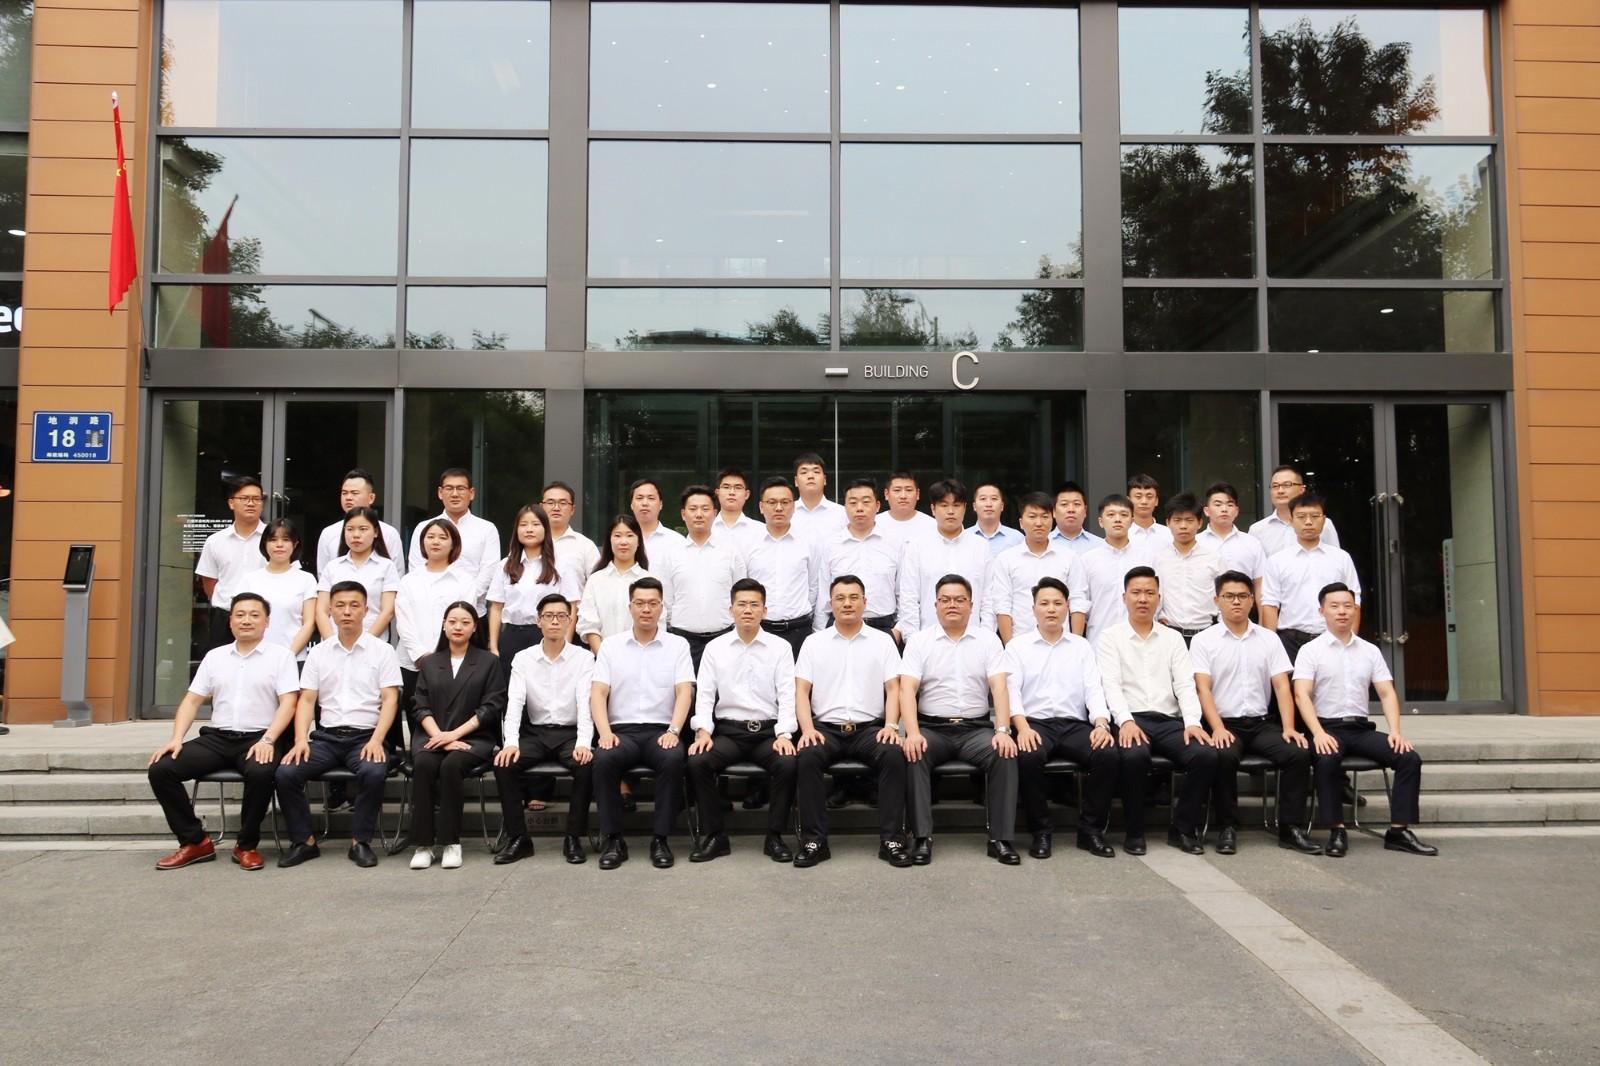 热烈庆祝中华人民共和国成立71周年知道睡:敬致祖国一下摔,祝您71岁生日快乐!